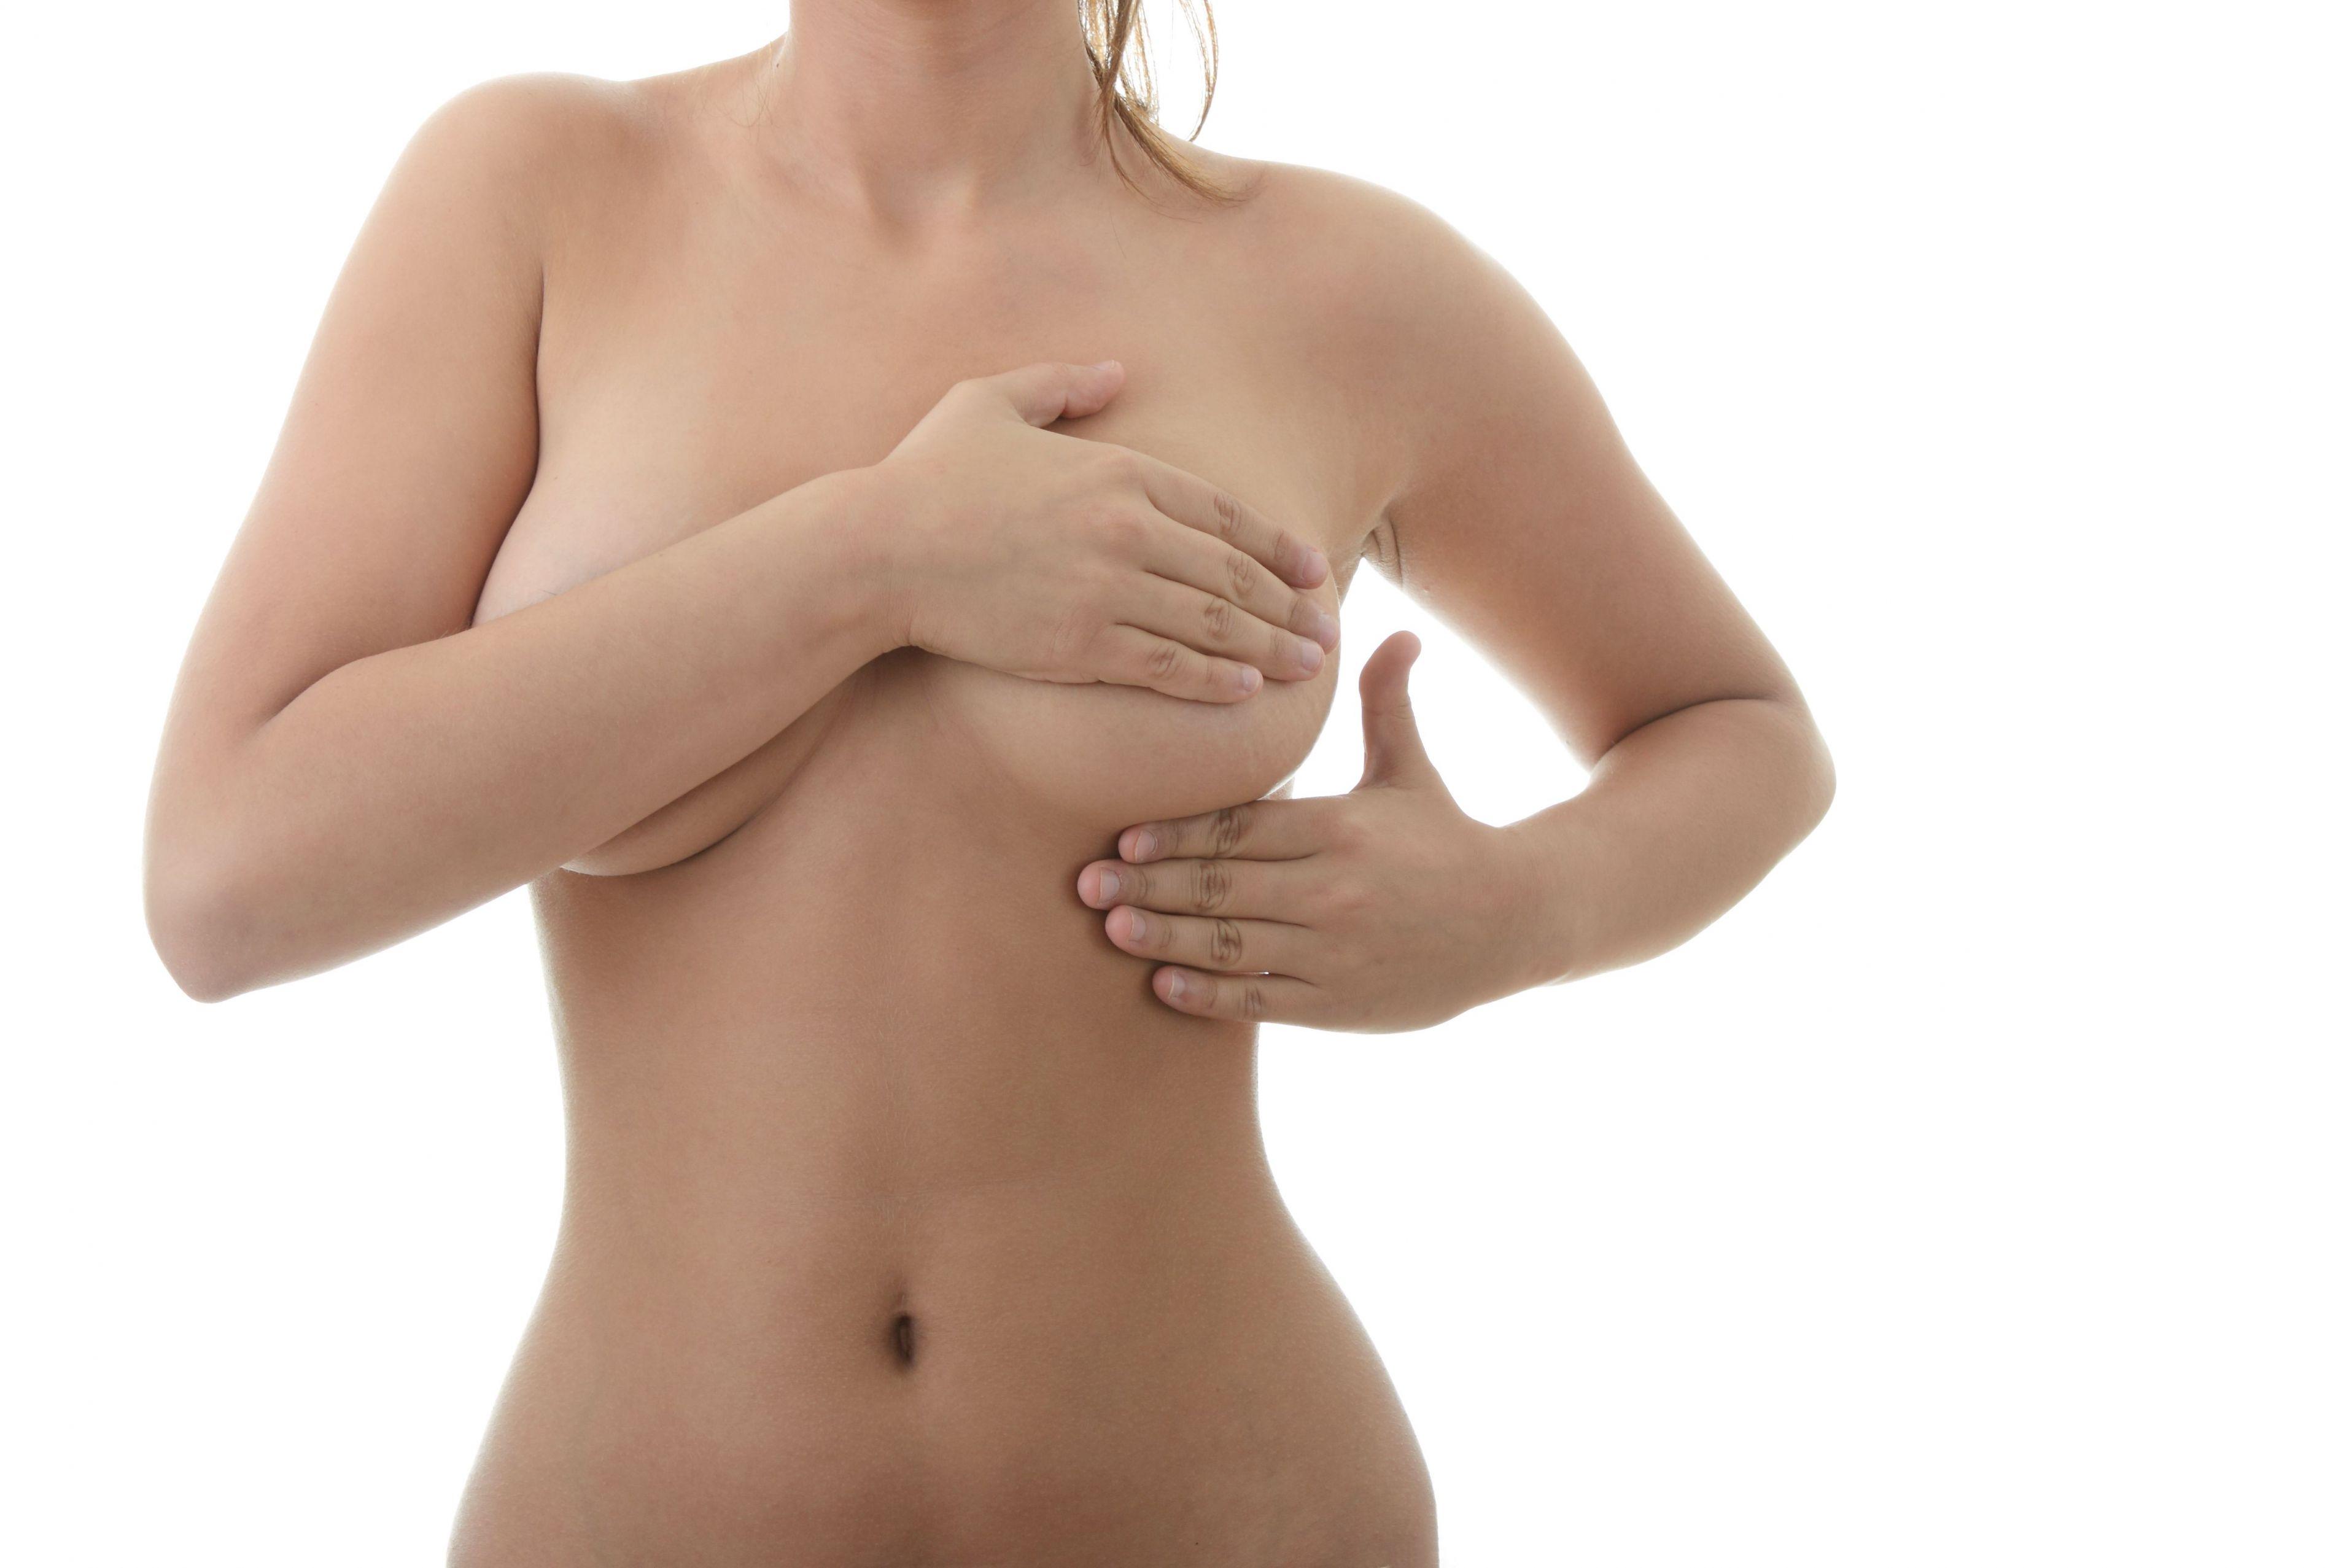 Фото молочной женской груди 15 фотография